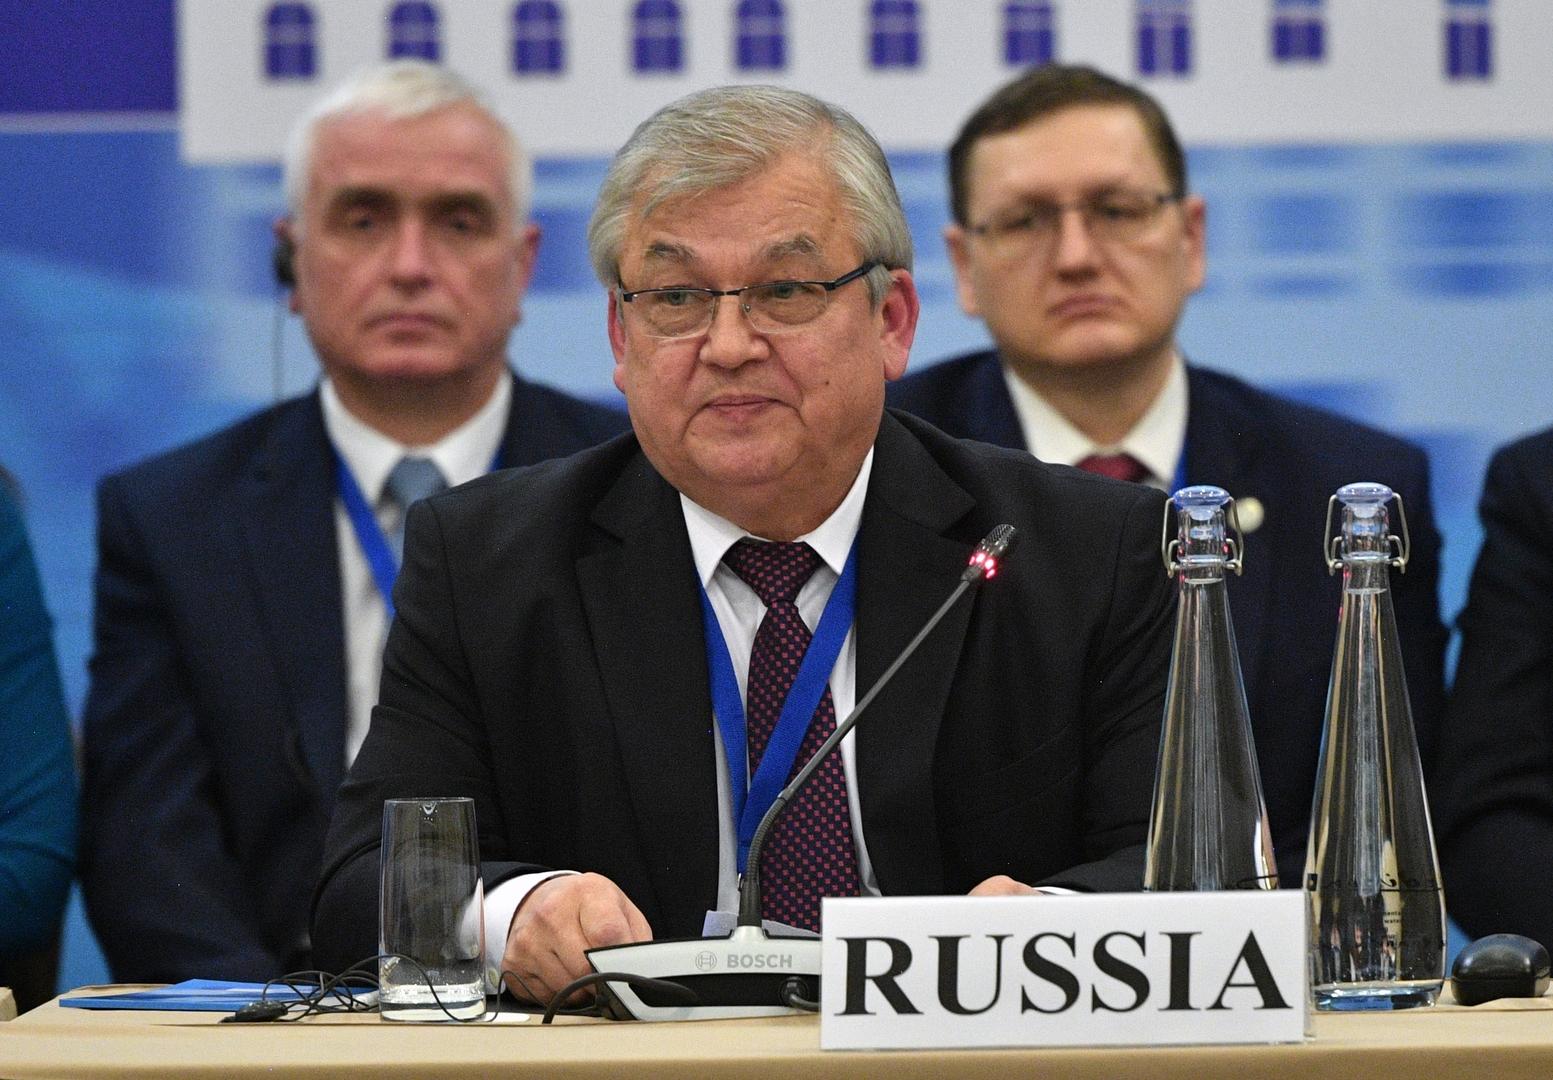 موسكو: يجب وضع حد للعقاب الجماعي بحق السوريين ونأمل في انسحاب القوات الأمريكية والتركية قريبا